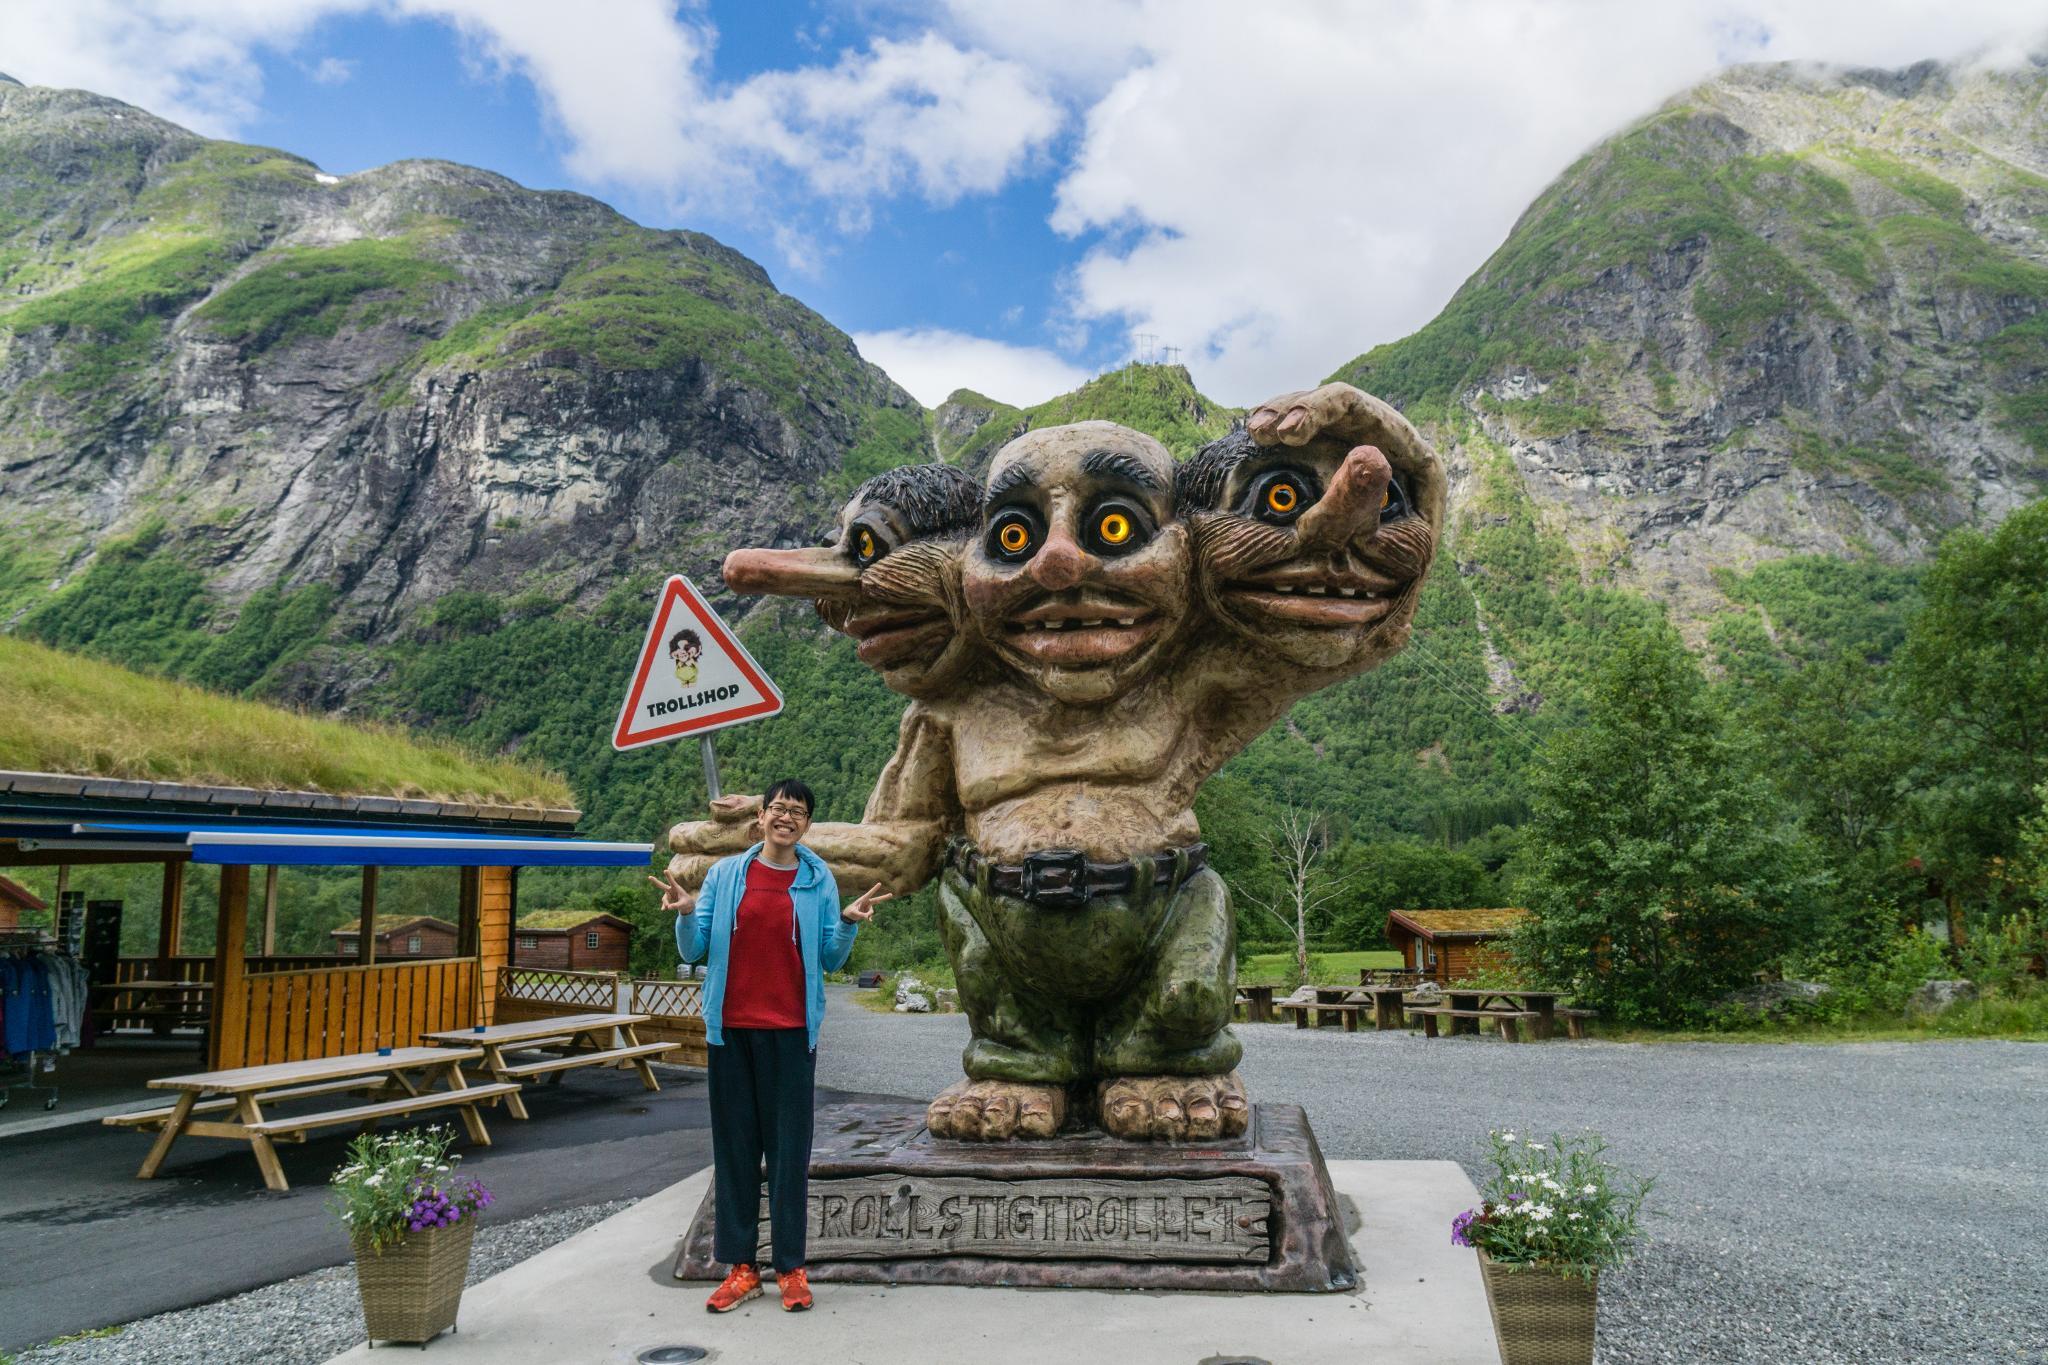 【北歐露營】在妖精出沒的峽谷中露營 - Trollstigen Camping 6